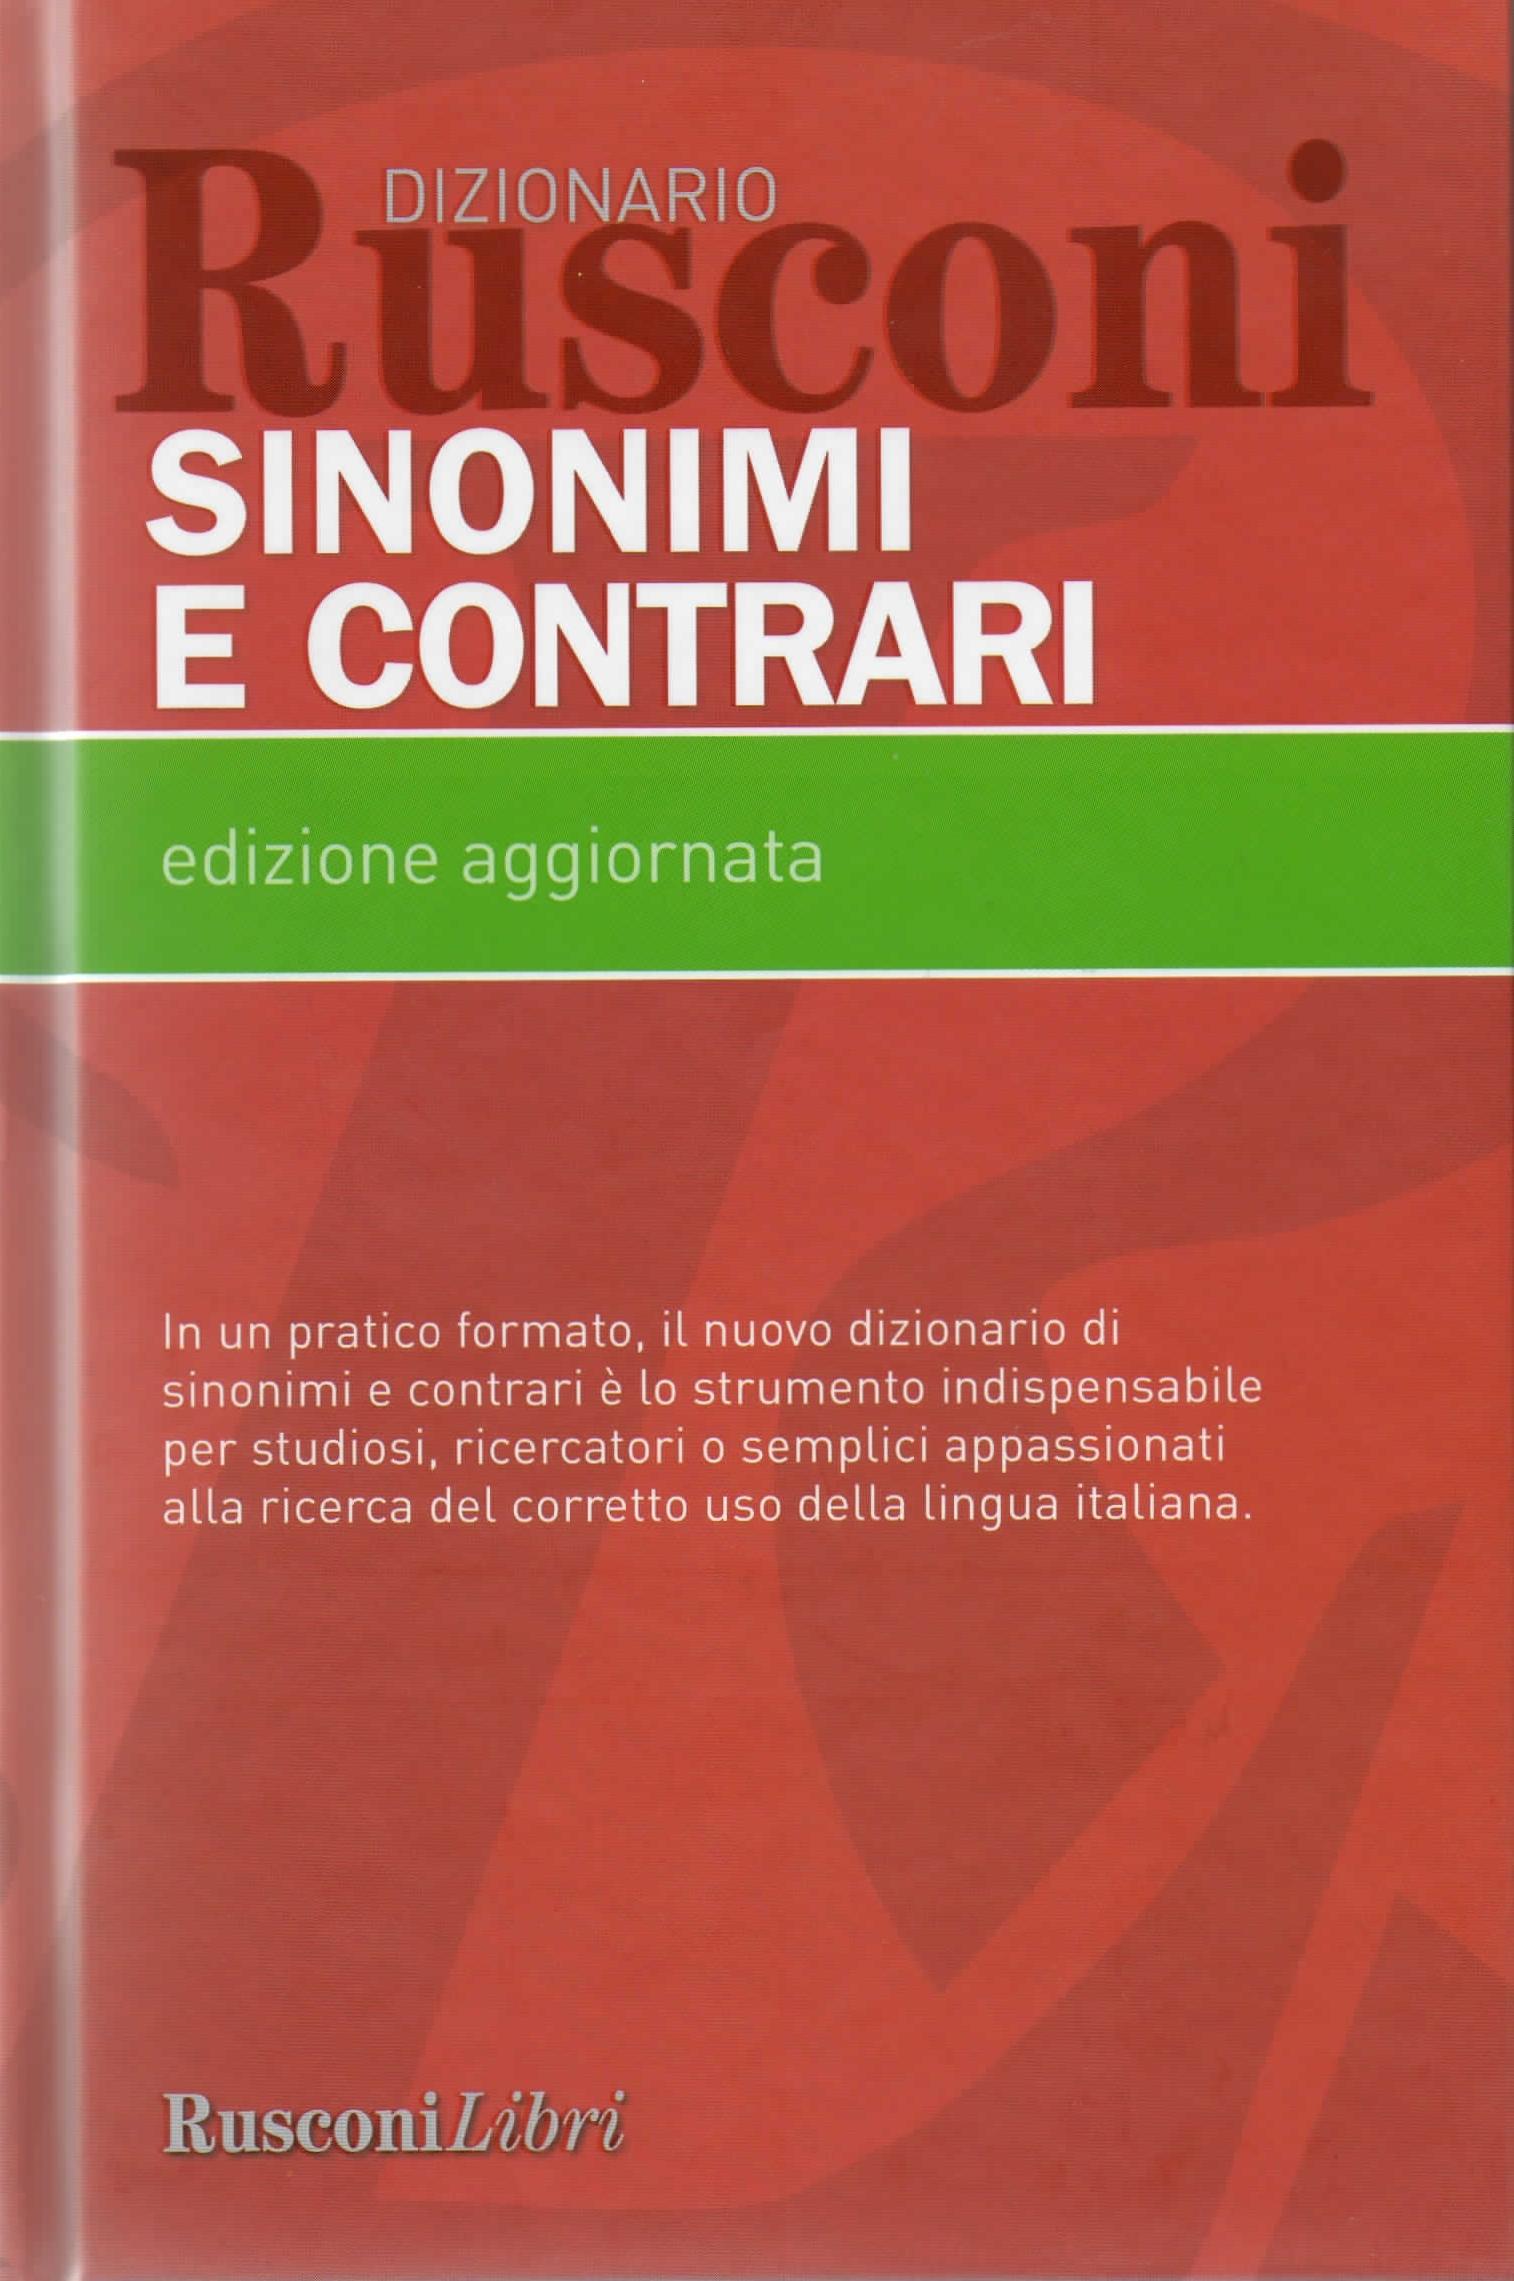 Dizionario Rusconi Sinonimi e Contrari